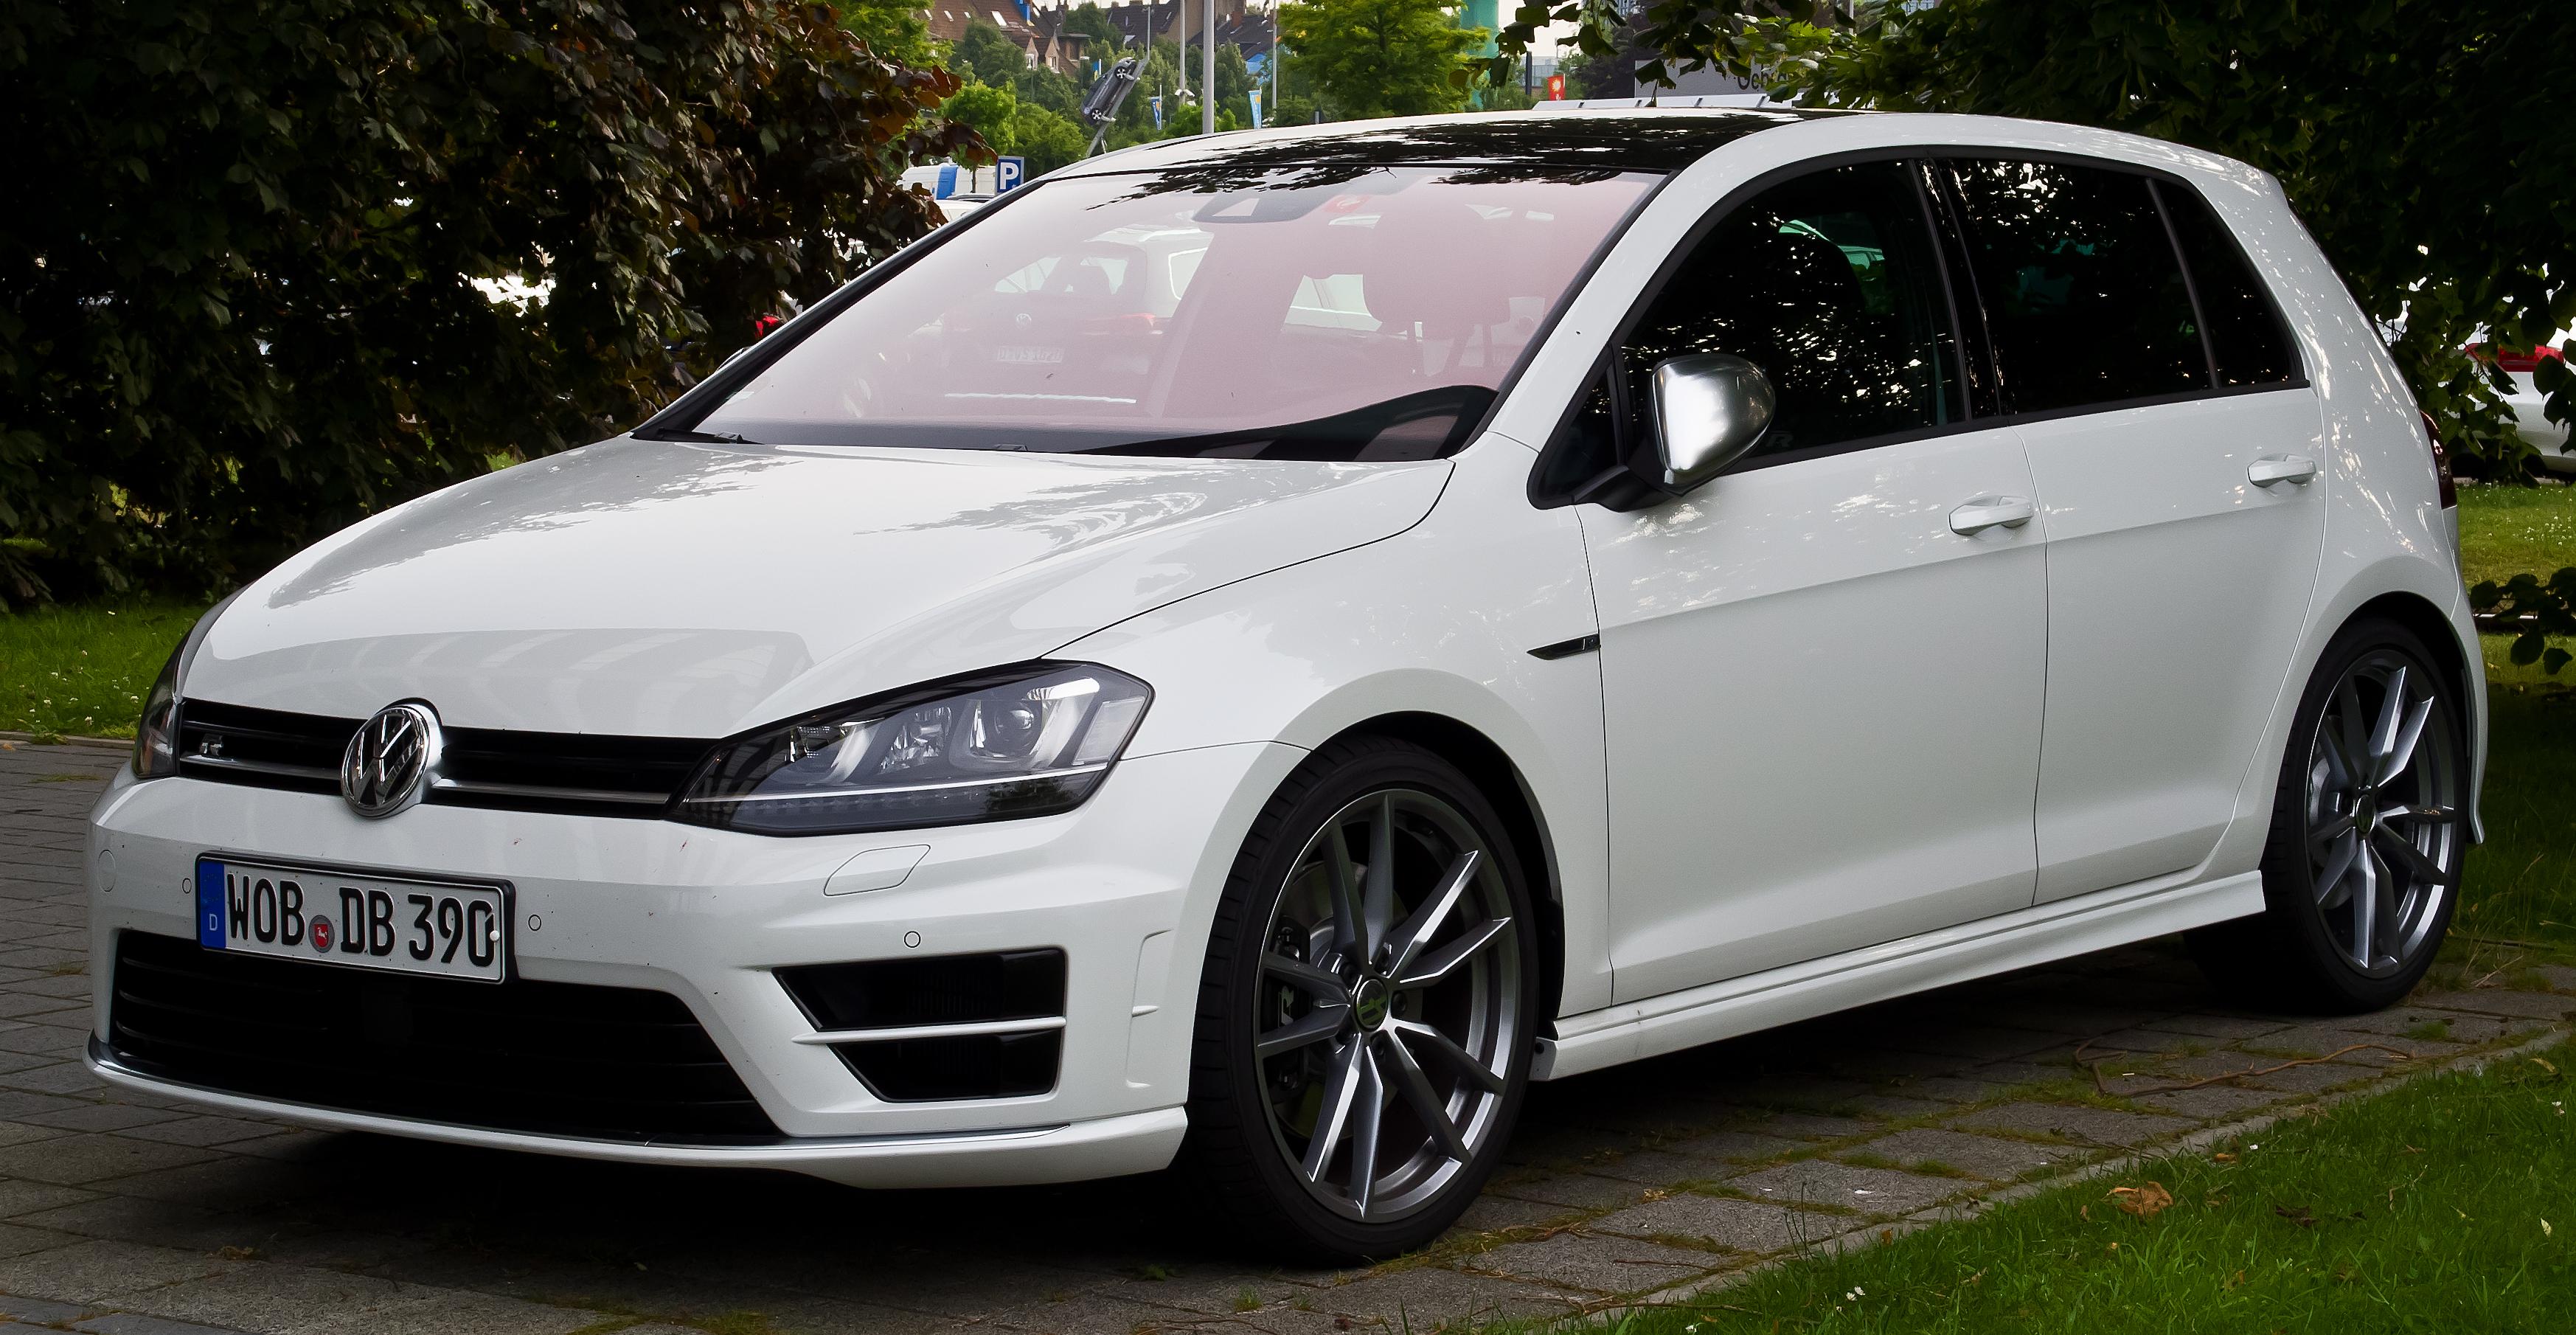 VW_Golf_R_(VII)_–_Frontansicht,_17._Juni_2014,_Düsseldorf